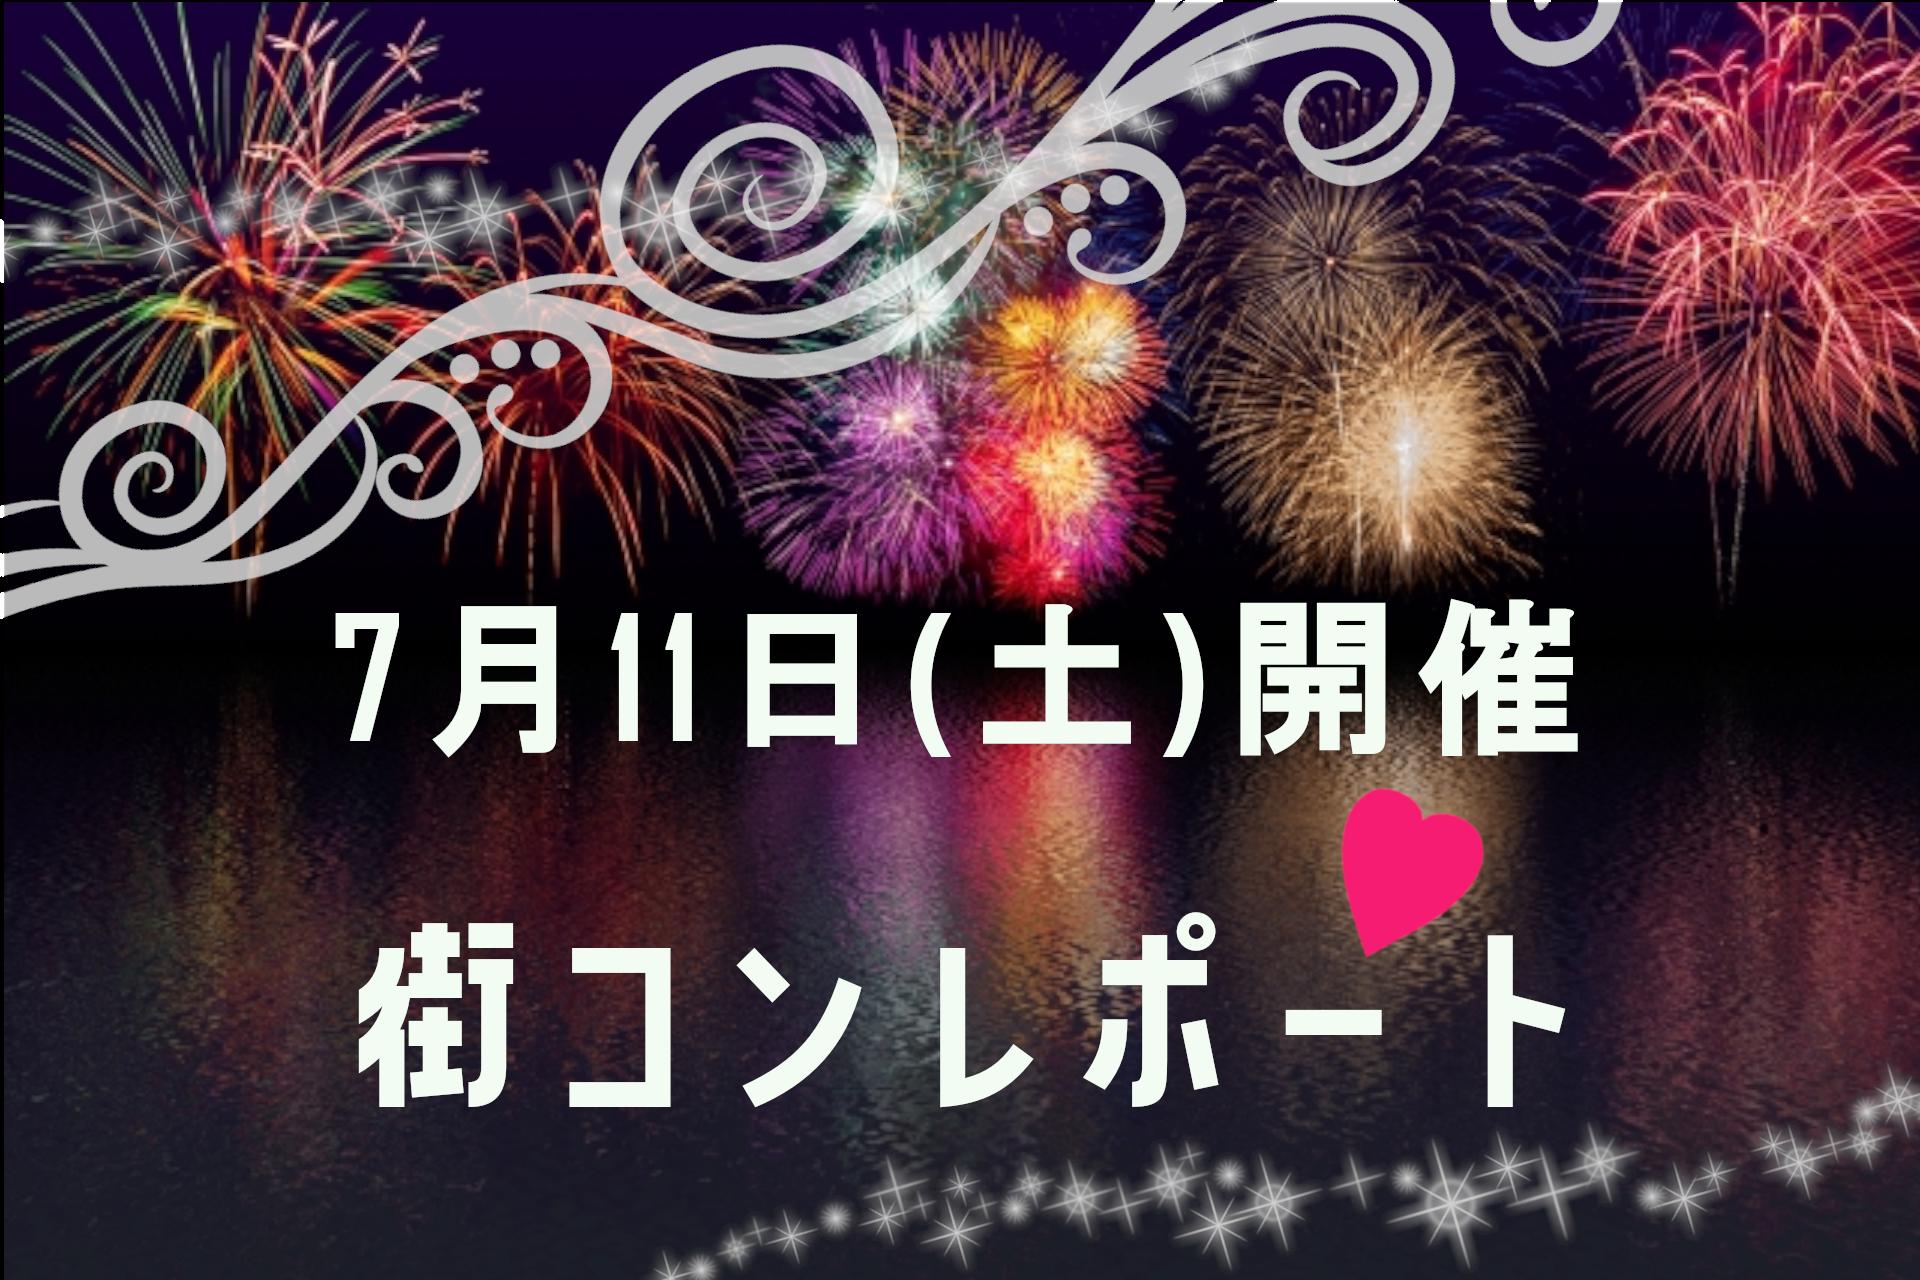 7月11日(土)新潟・船橋で開催💓土曜日は大盛り上がりの街コンレポート!✨のサムネイル